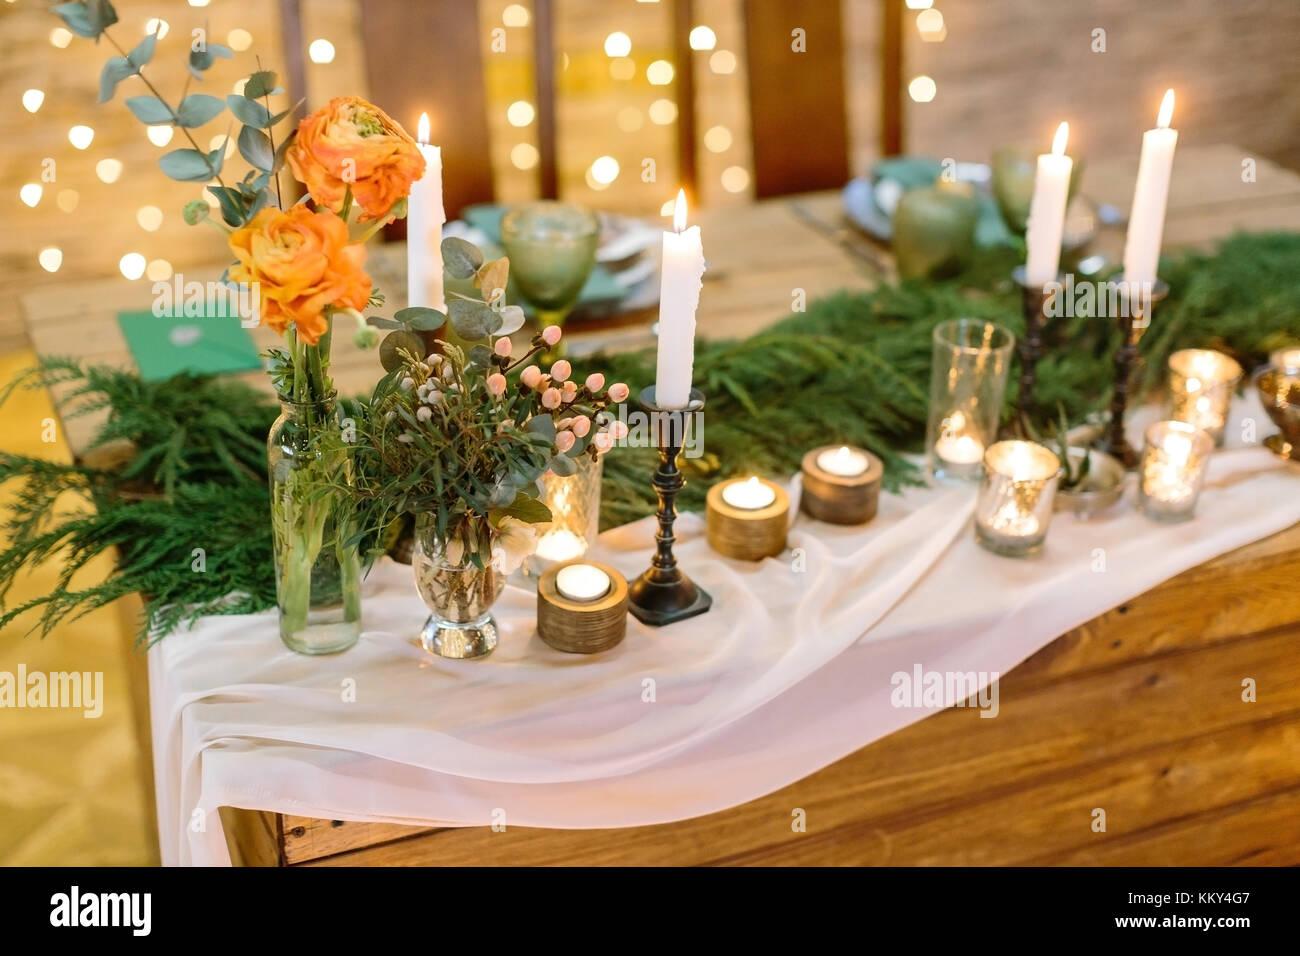 Hochzeit Tischdekoration Komfort Konzept Winter Einrichtung Der